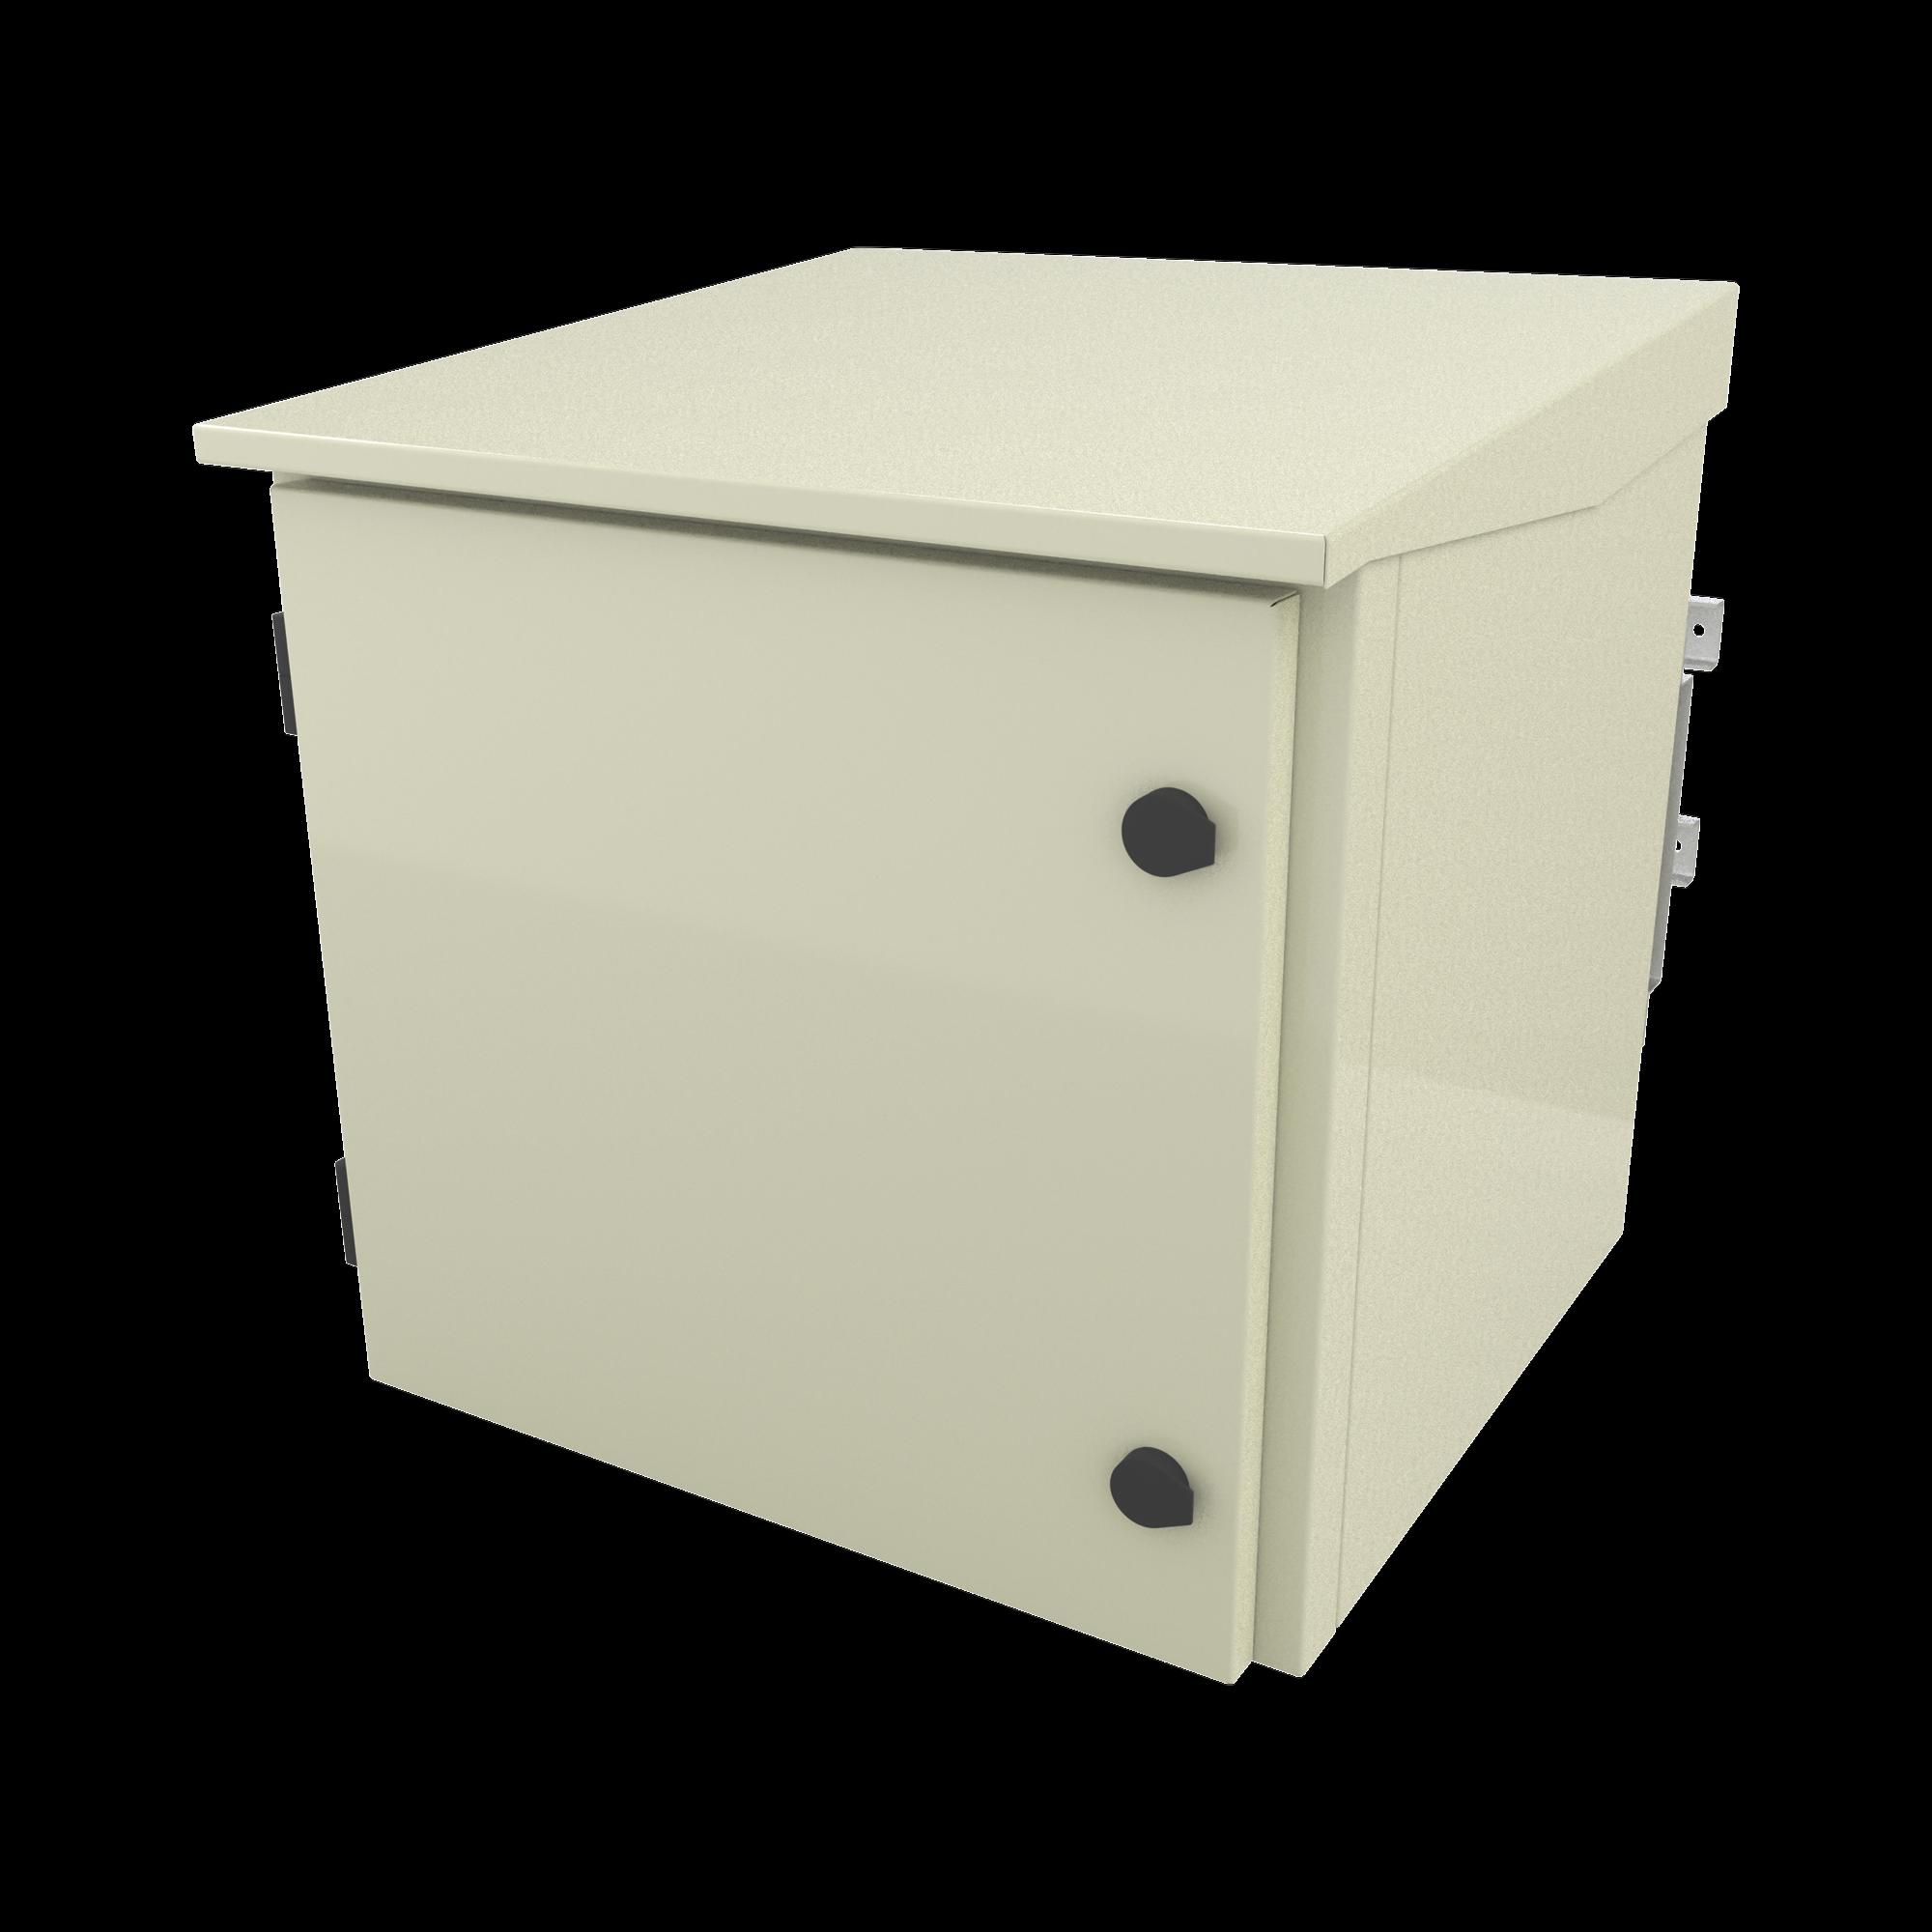 Gabinete para Poste/Torre/Pared de Exterior con Ventiladores y Termostato con Rack de 19 de 9 U.